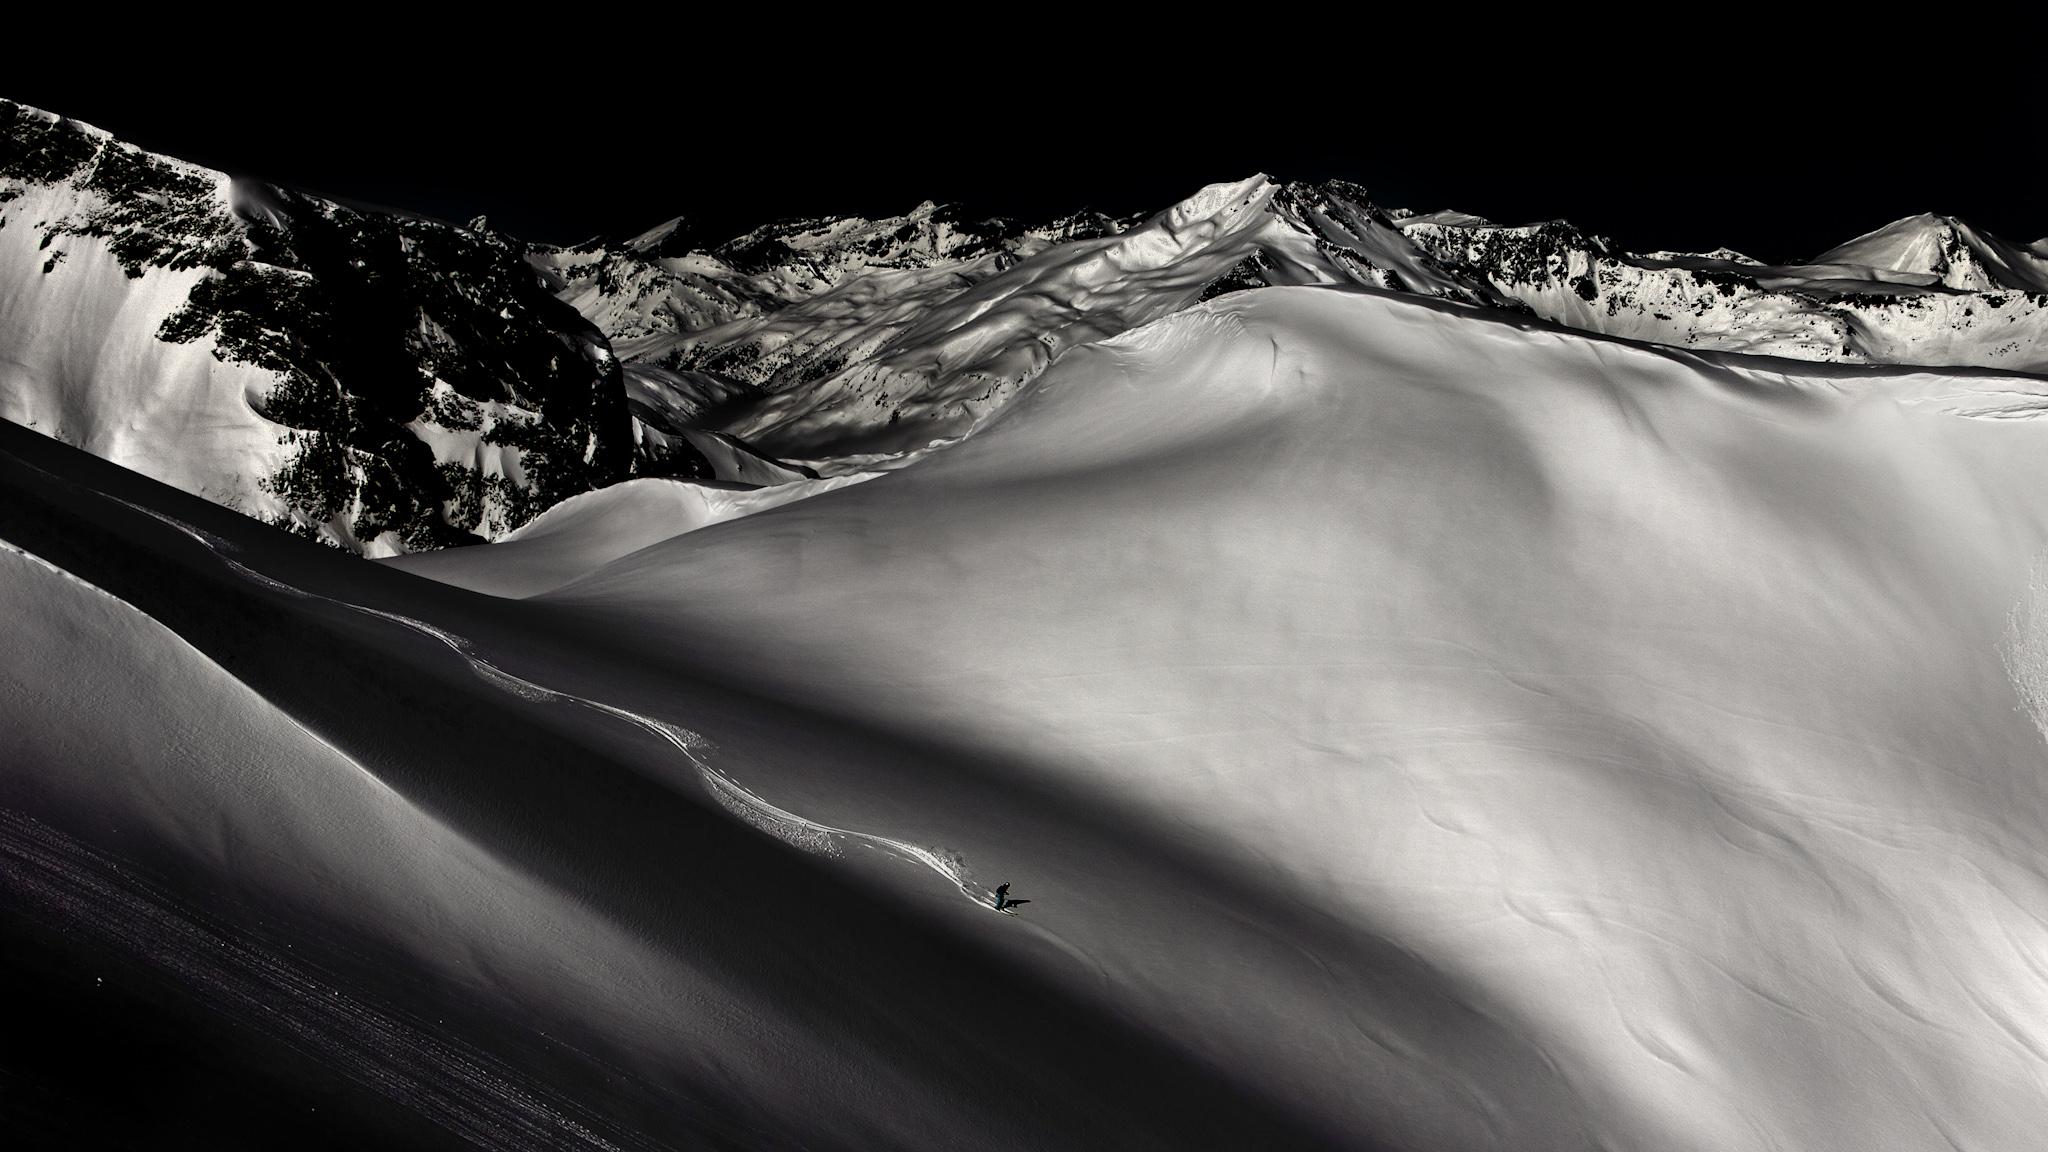 Loma Verde, Marta Hekneby - Ski & Snowboard - Fotos del Valle del Aragón, Mikel Besga